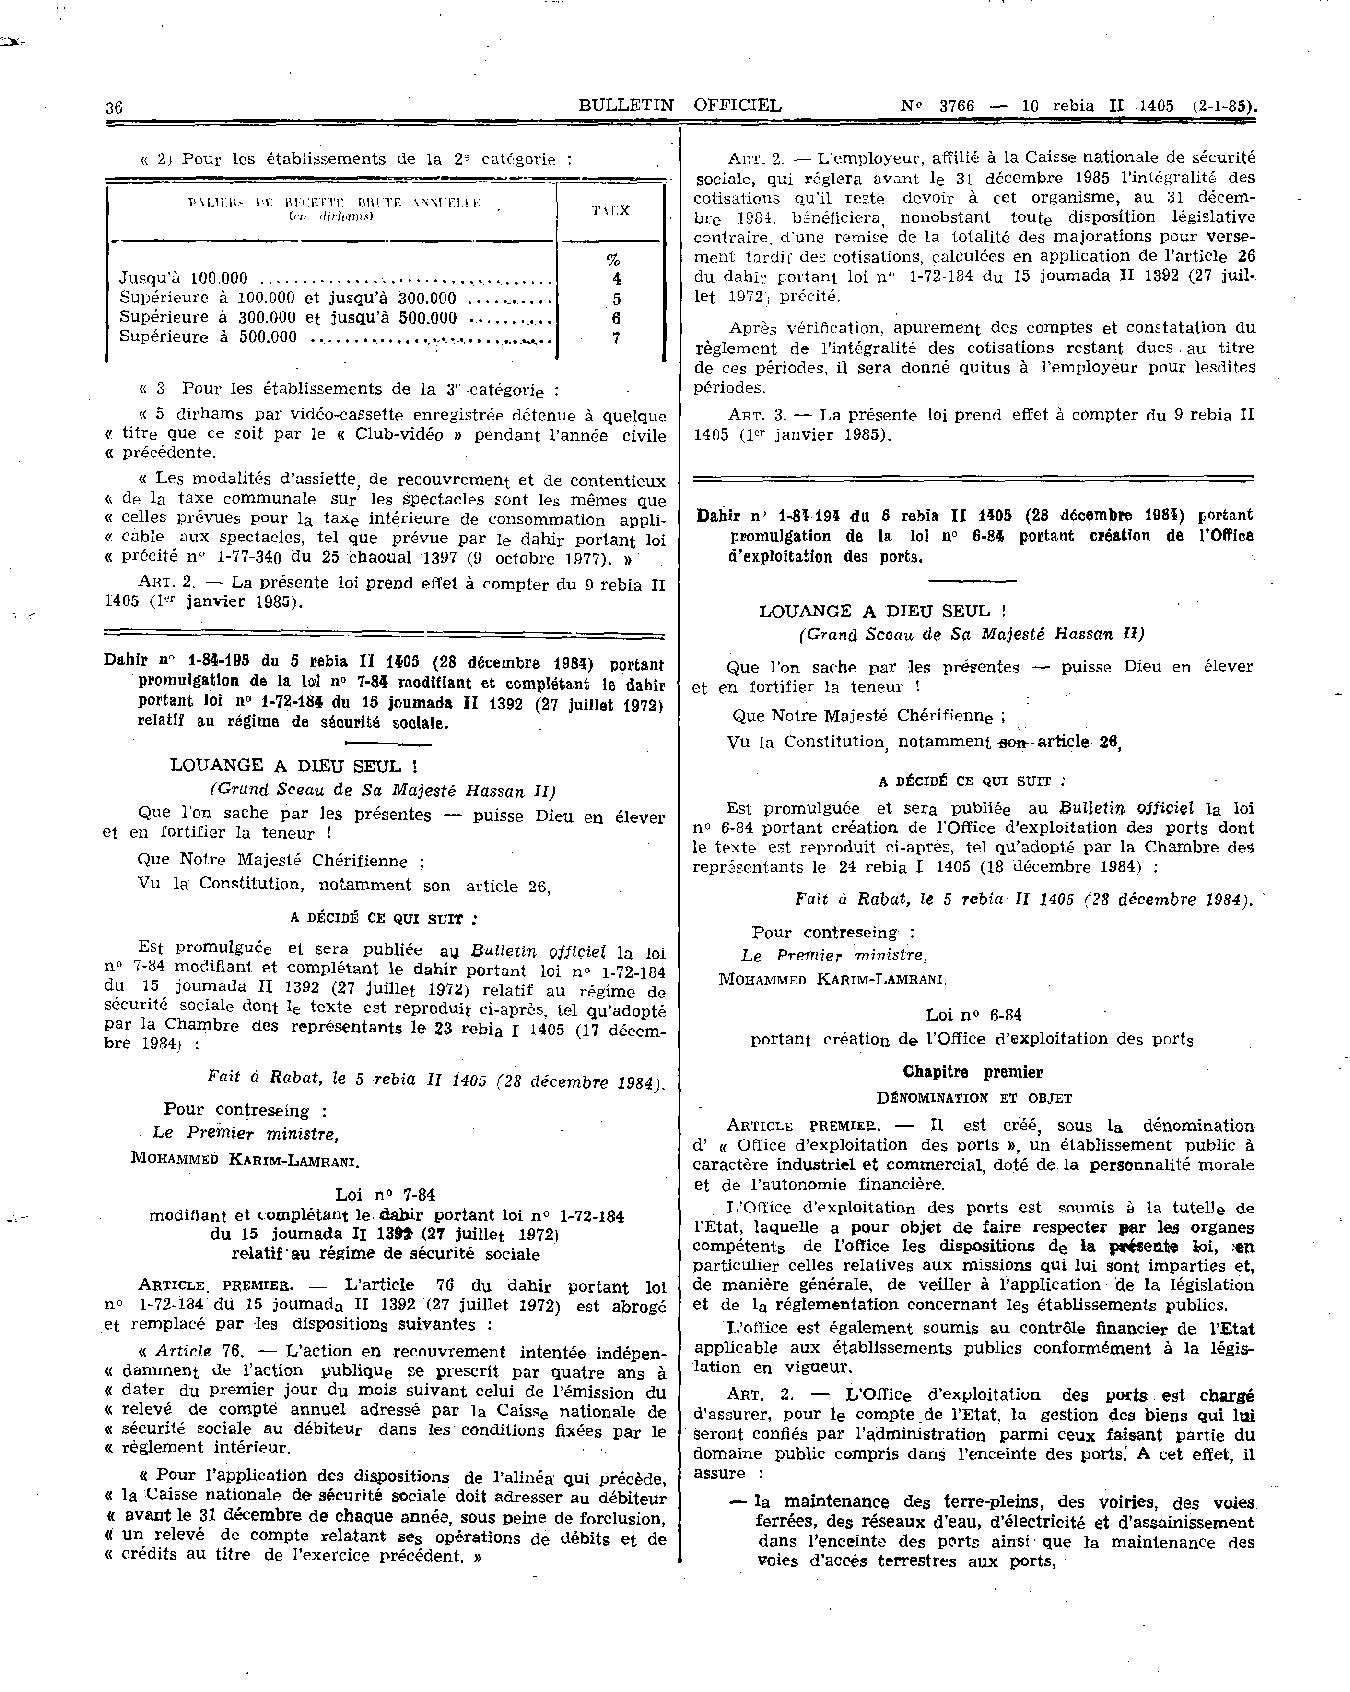 les-prix-maxima-des-acte-et-service-medicaux-dans-le-secteur-prive-036